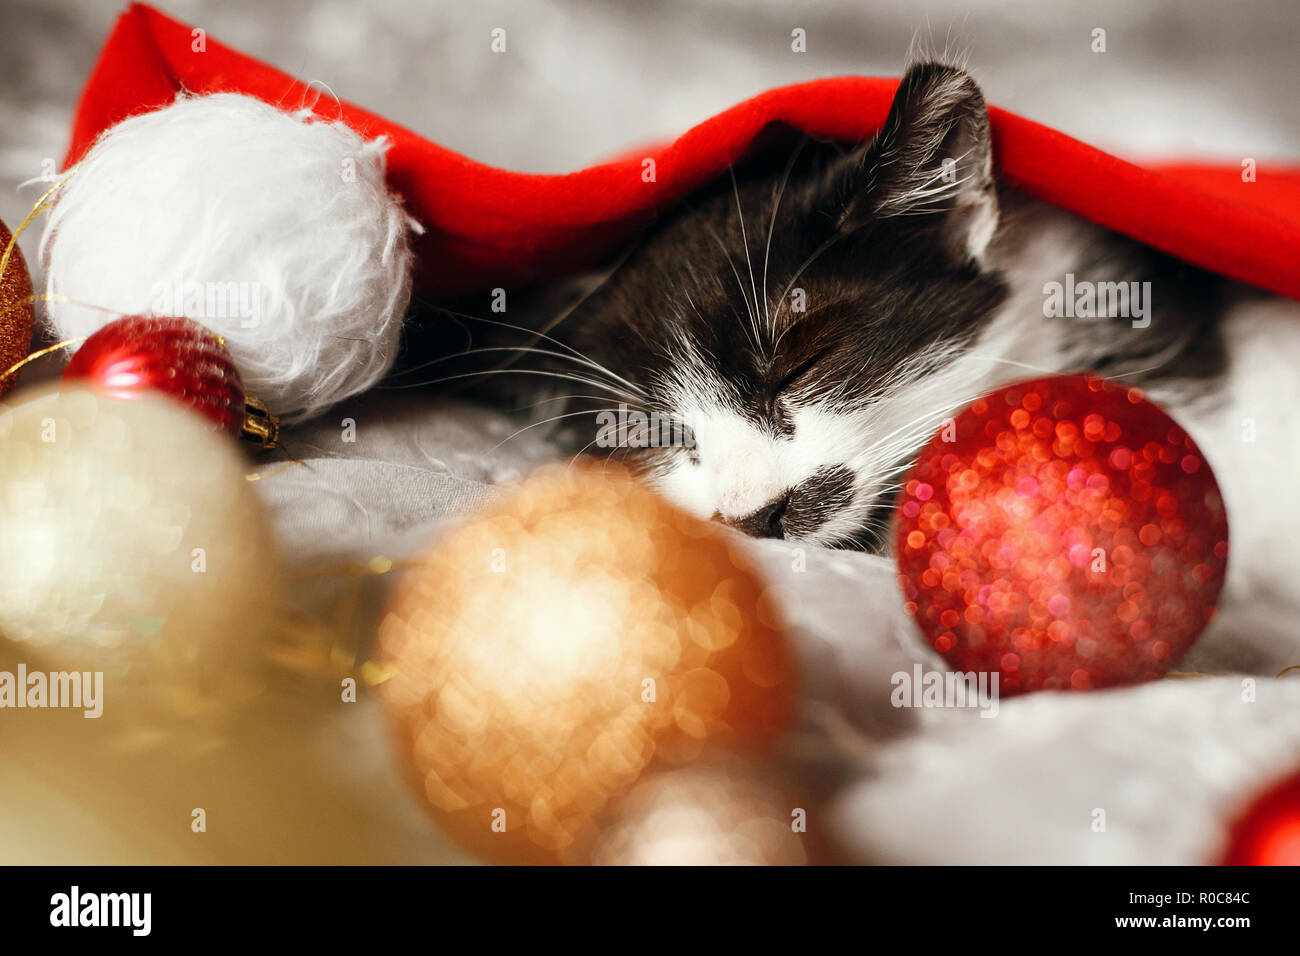 Frohe Weihnachten Konzept. Cute Kitty schlafen in Santa Hut auf dem Bett mit Gold und Rot Christbaumkugeln in festlichen Raum. Stimmungsvolles Bild. Season's Gree Stockbild